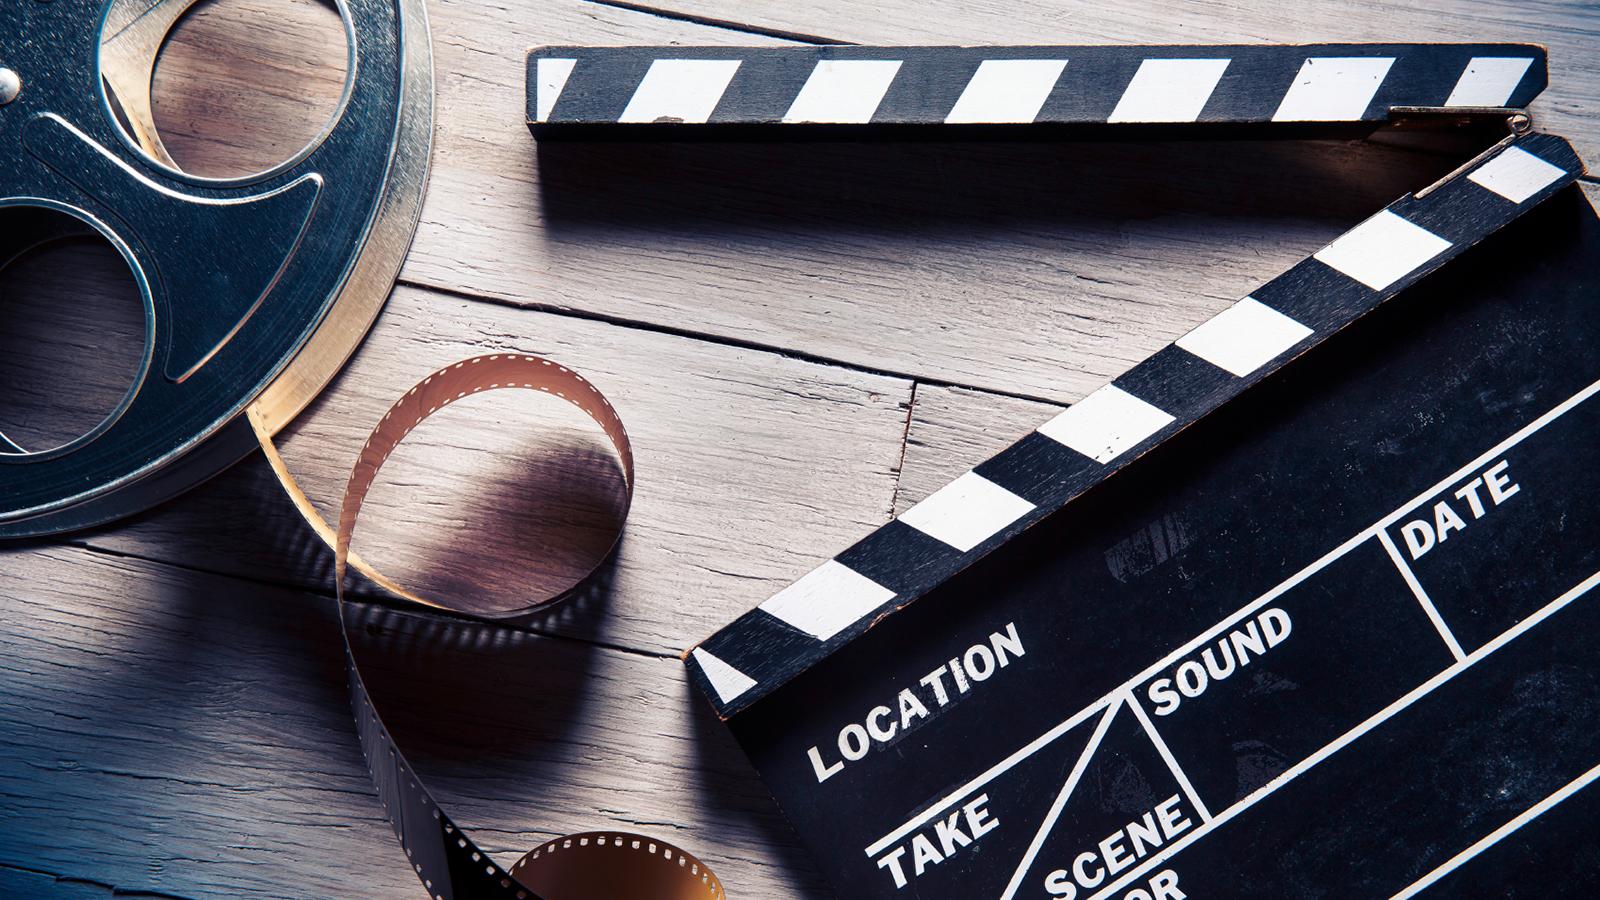 И лучшее регистрации тв мирового без кинофильмы из кинематографа